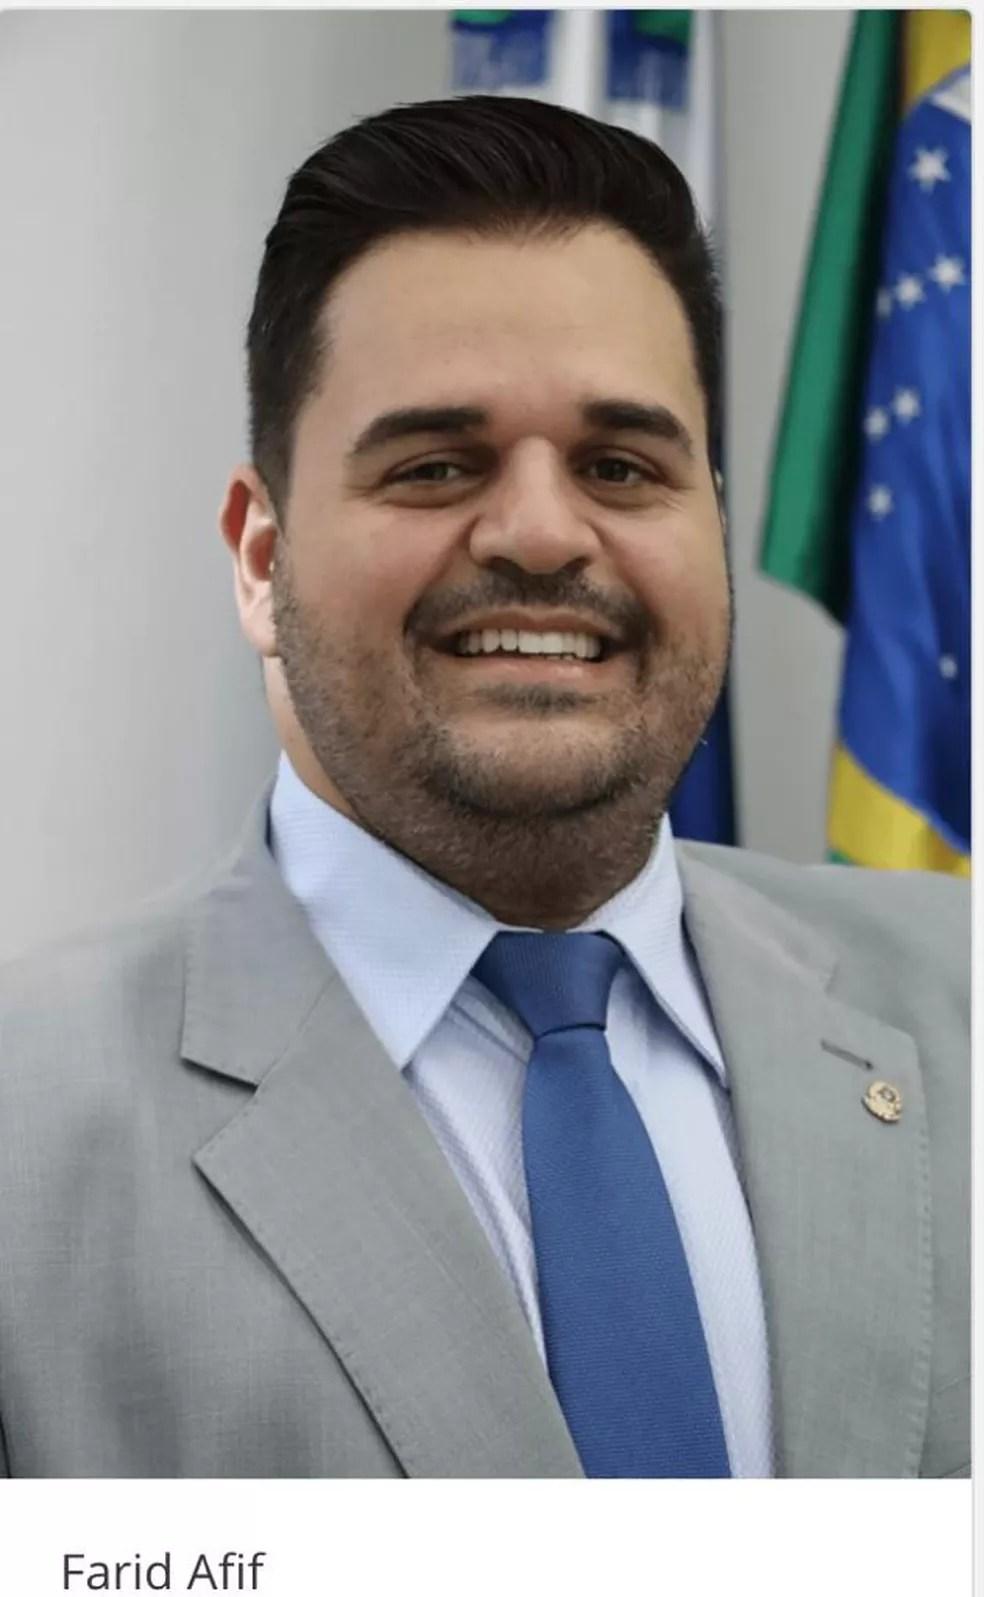 Vereador morto em Ponta Porã — Foto: Redes sociais